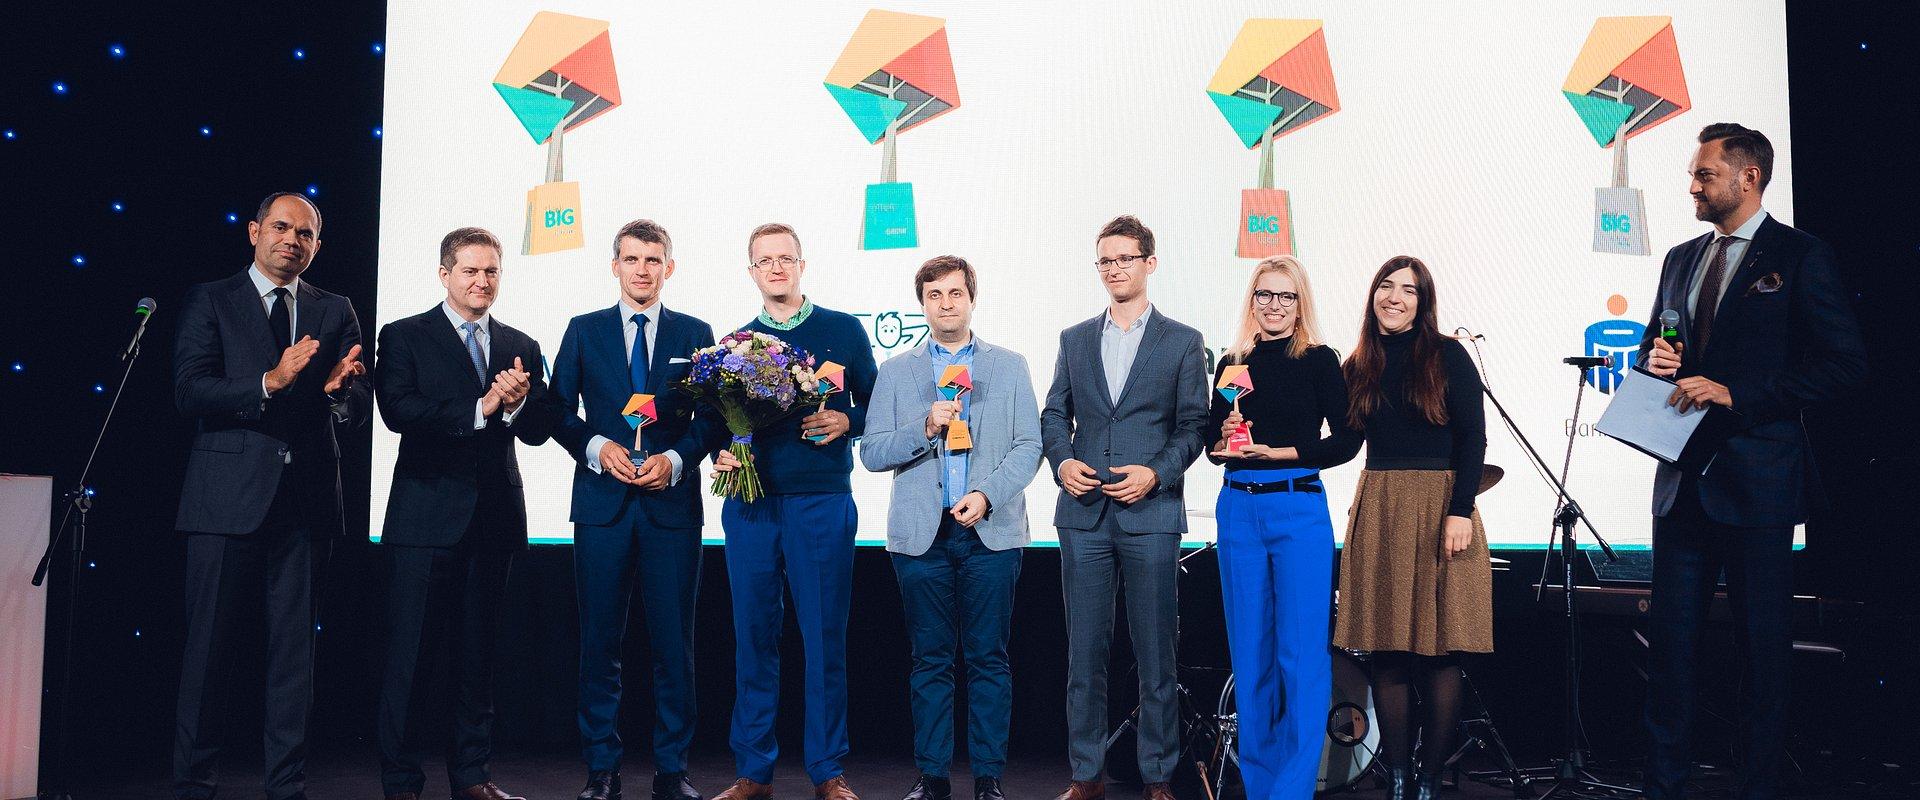 UPC Polska wraz z partnerami prezentuje zwycięzców 6. edycji programu THINK BIG: Grow Smarter!